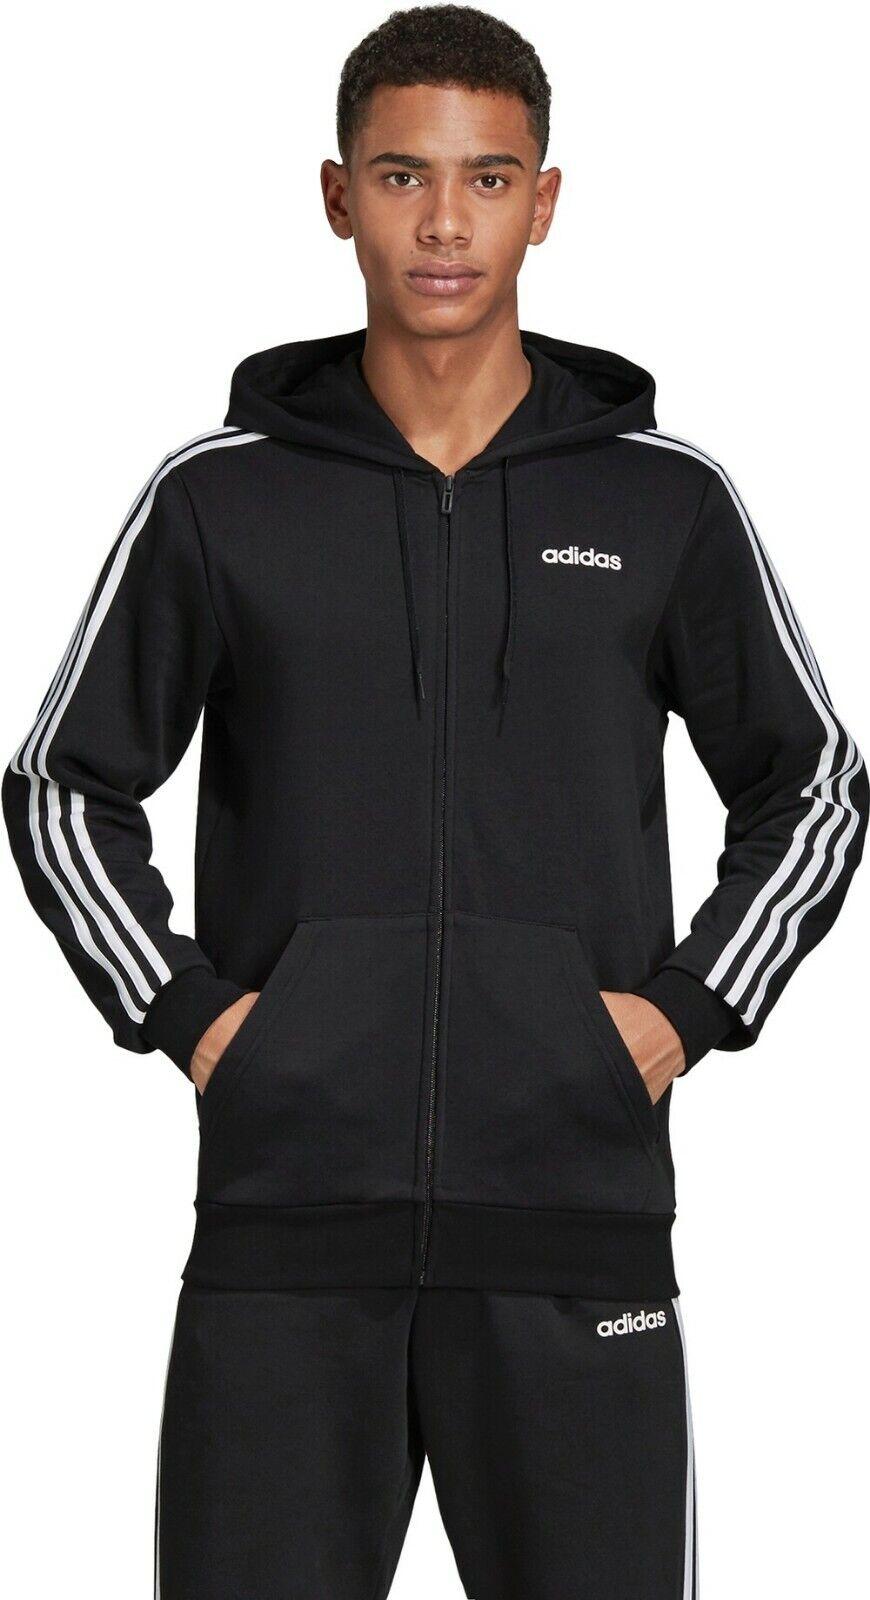 Adidas  señores kapuzensweat e 3s hoody kapuzensweatshirt dq3101 negro  ordene ahora los precios más bajos